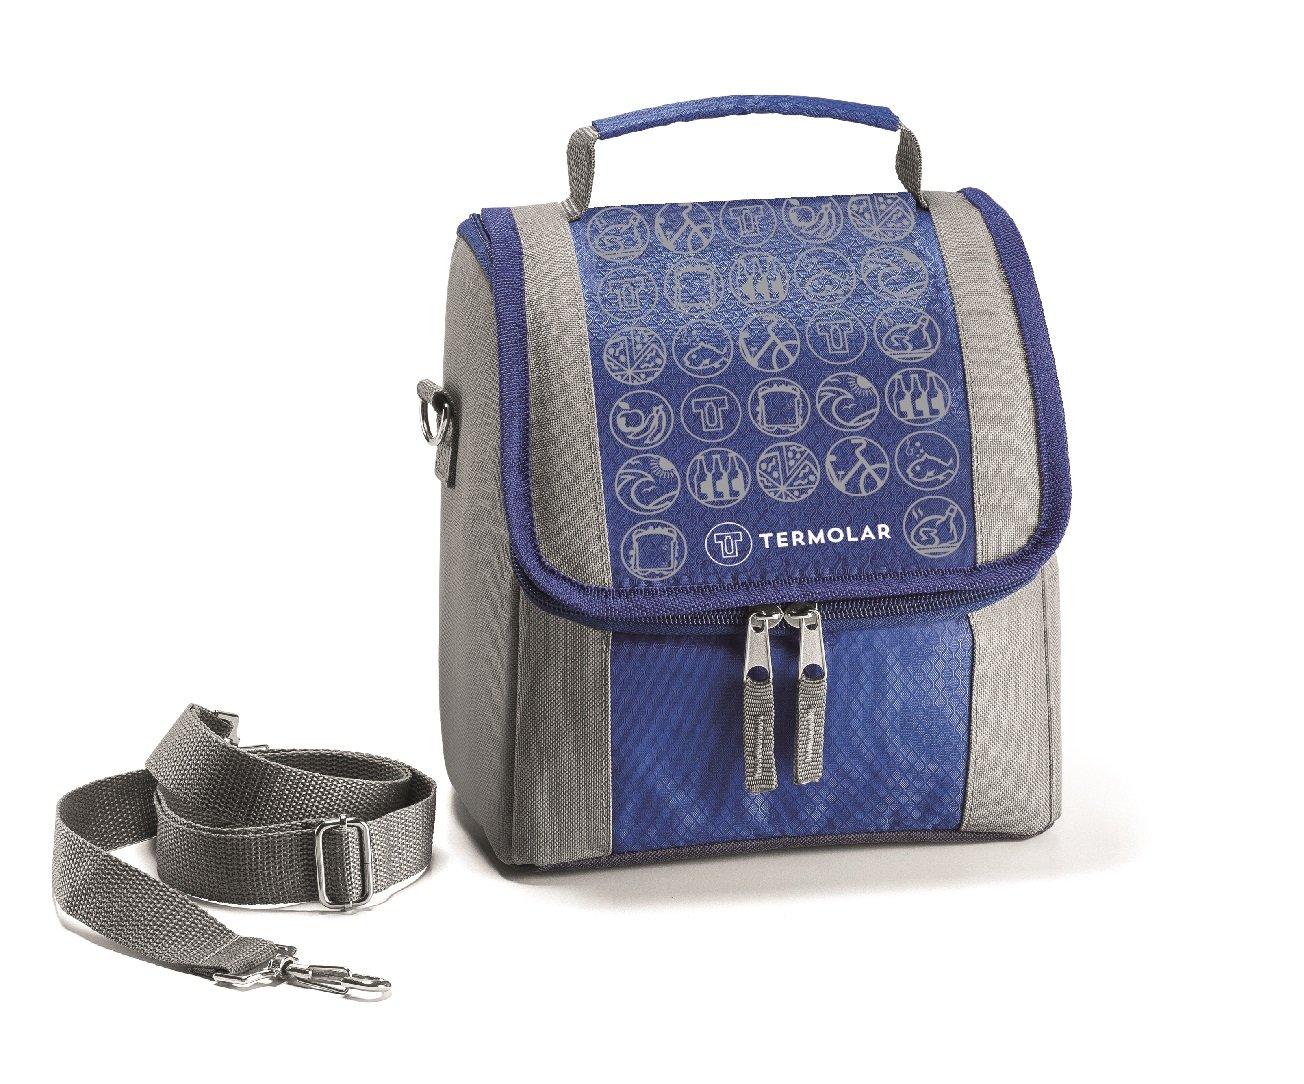 Kit Bolsa Térmica Termobag 5L + Garrafa Térmica Squeeze Moove 450ml Azul 2